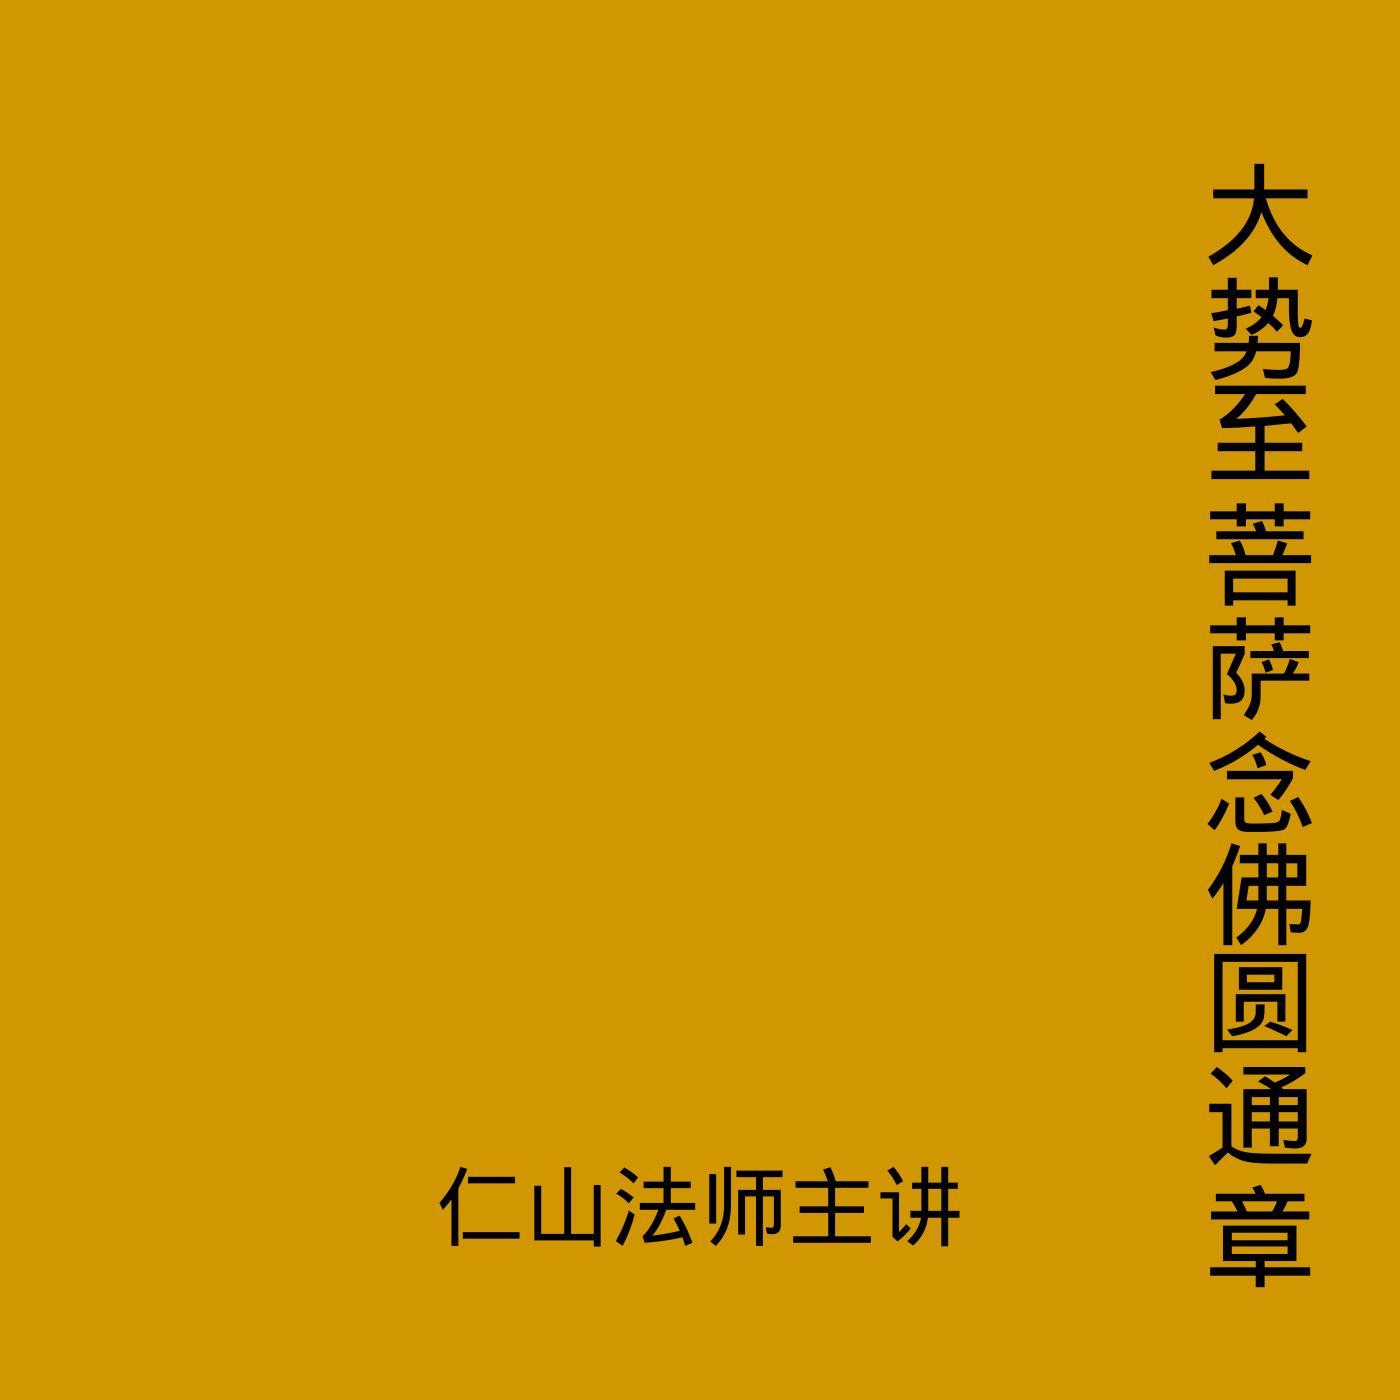 大势至菩萨念佛圆通章